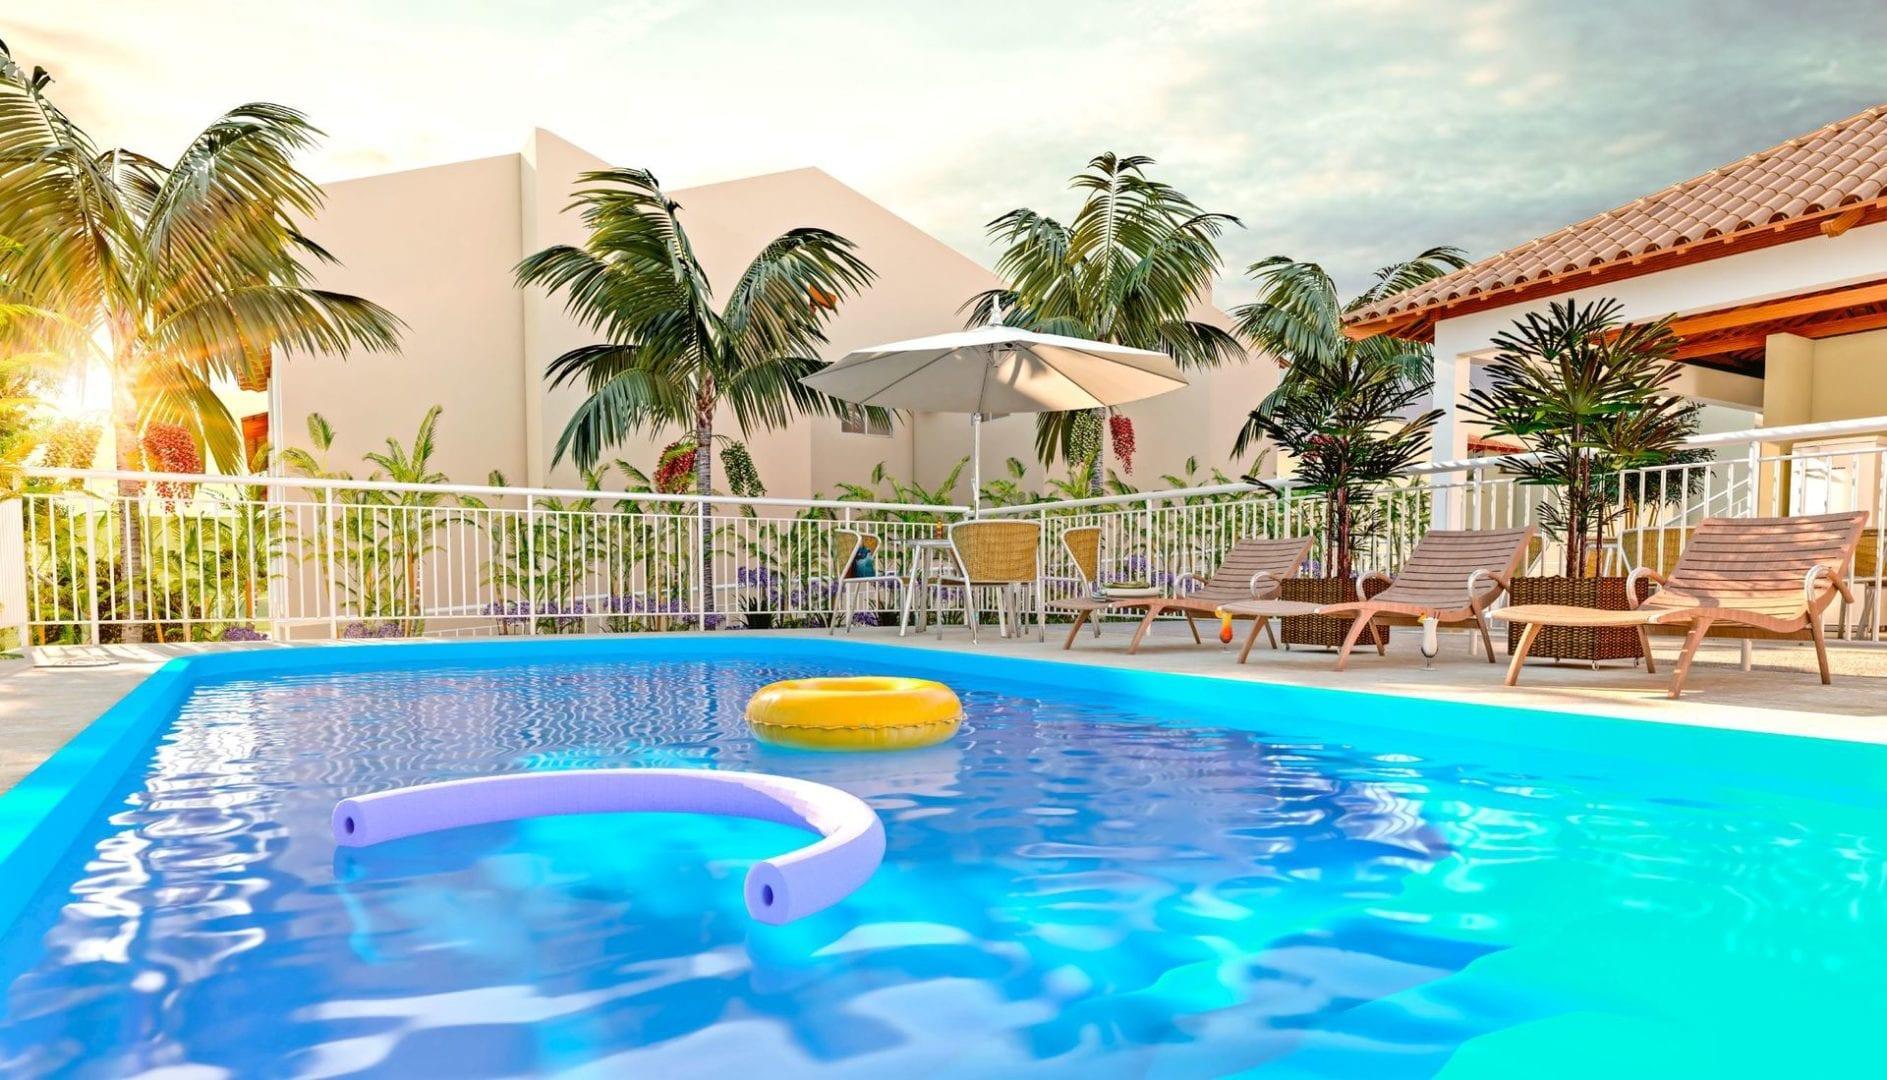 vic-engenharia-villa-bella-turim-piscina